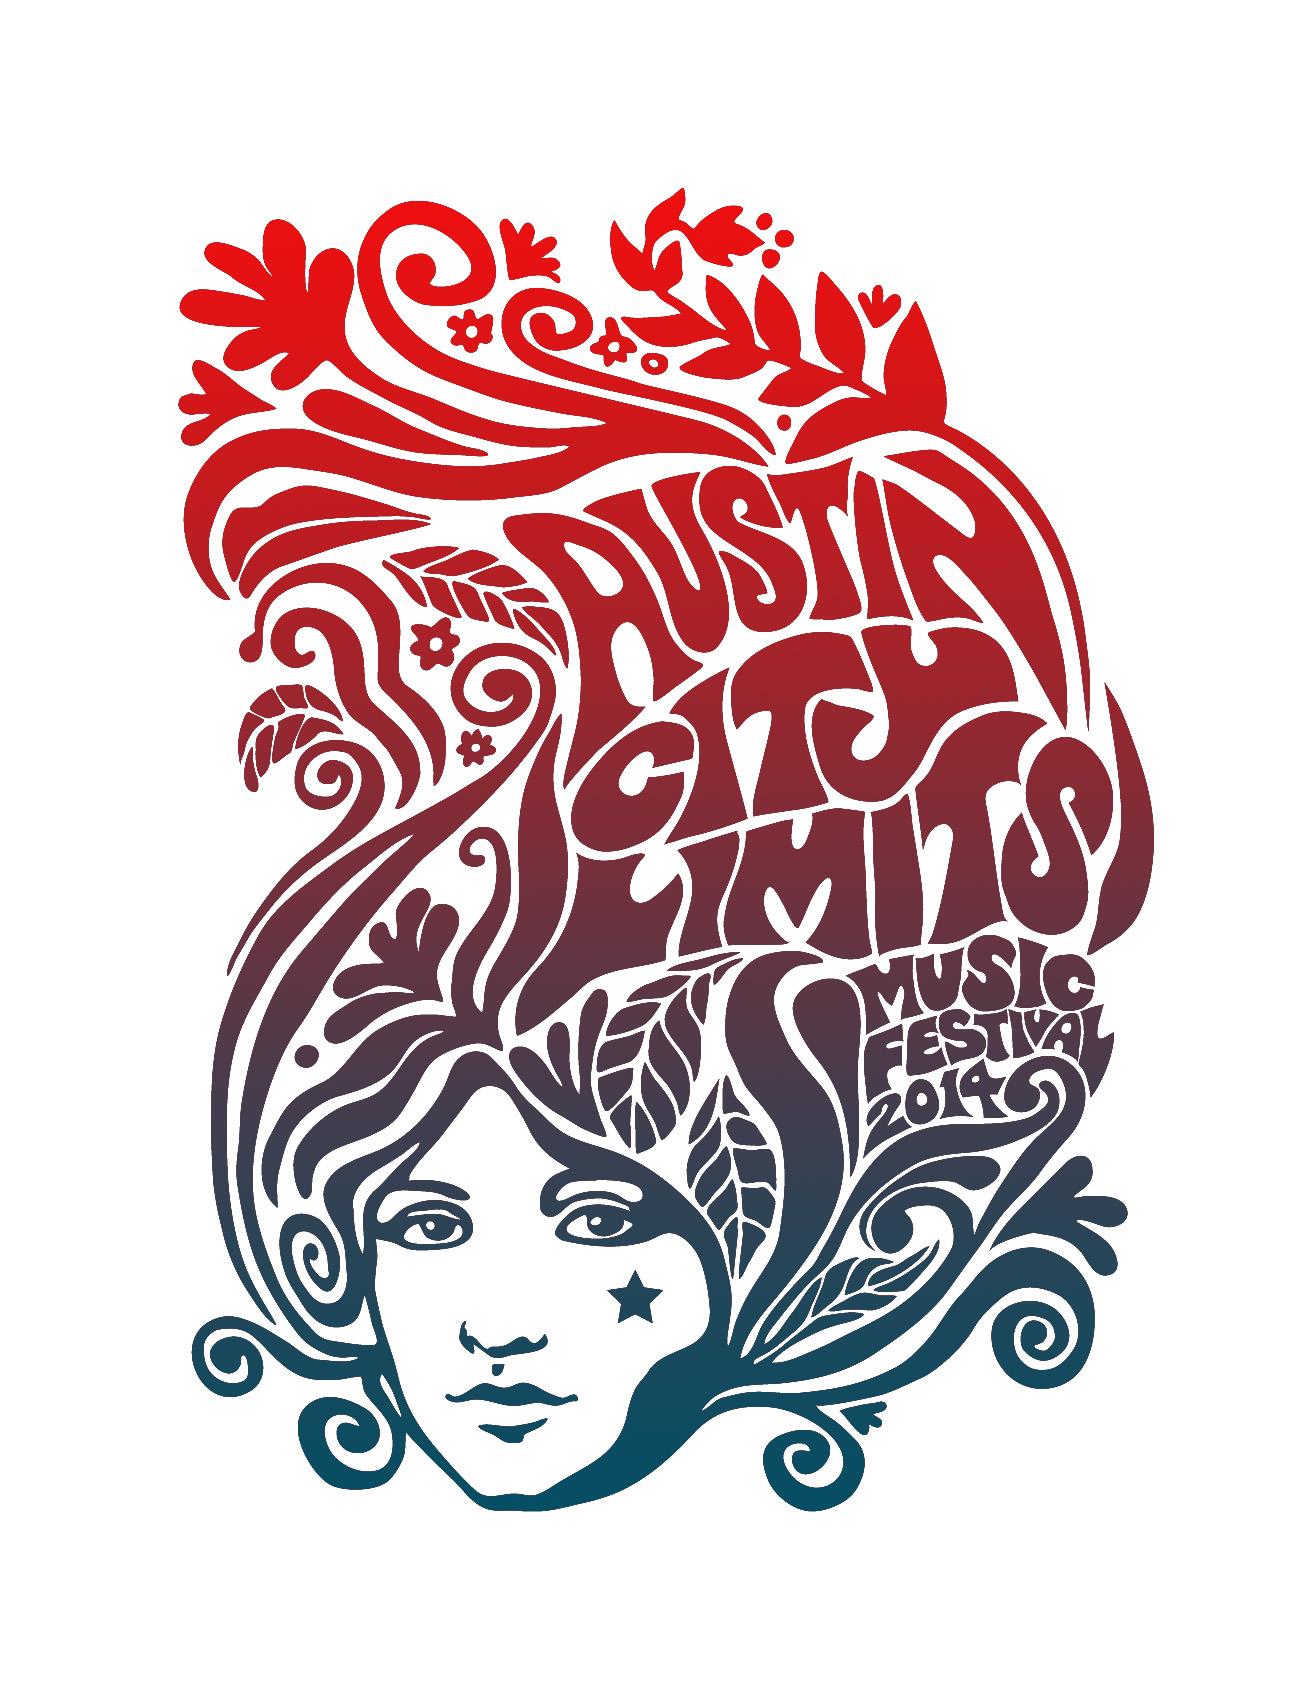 Austin City Limits Fest shirt